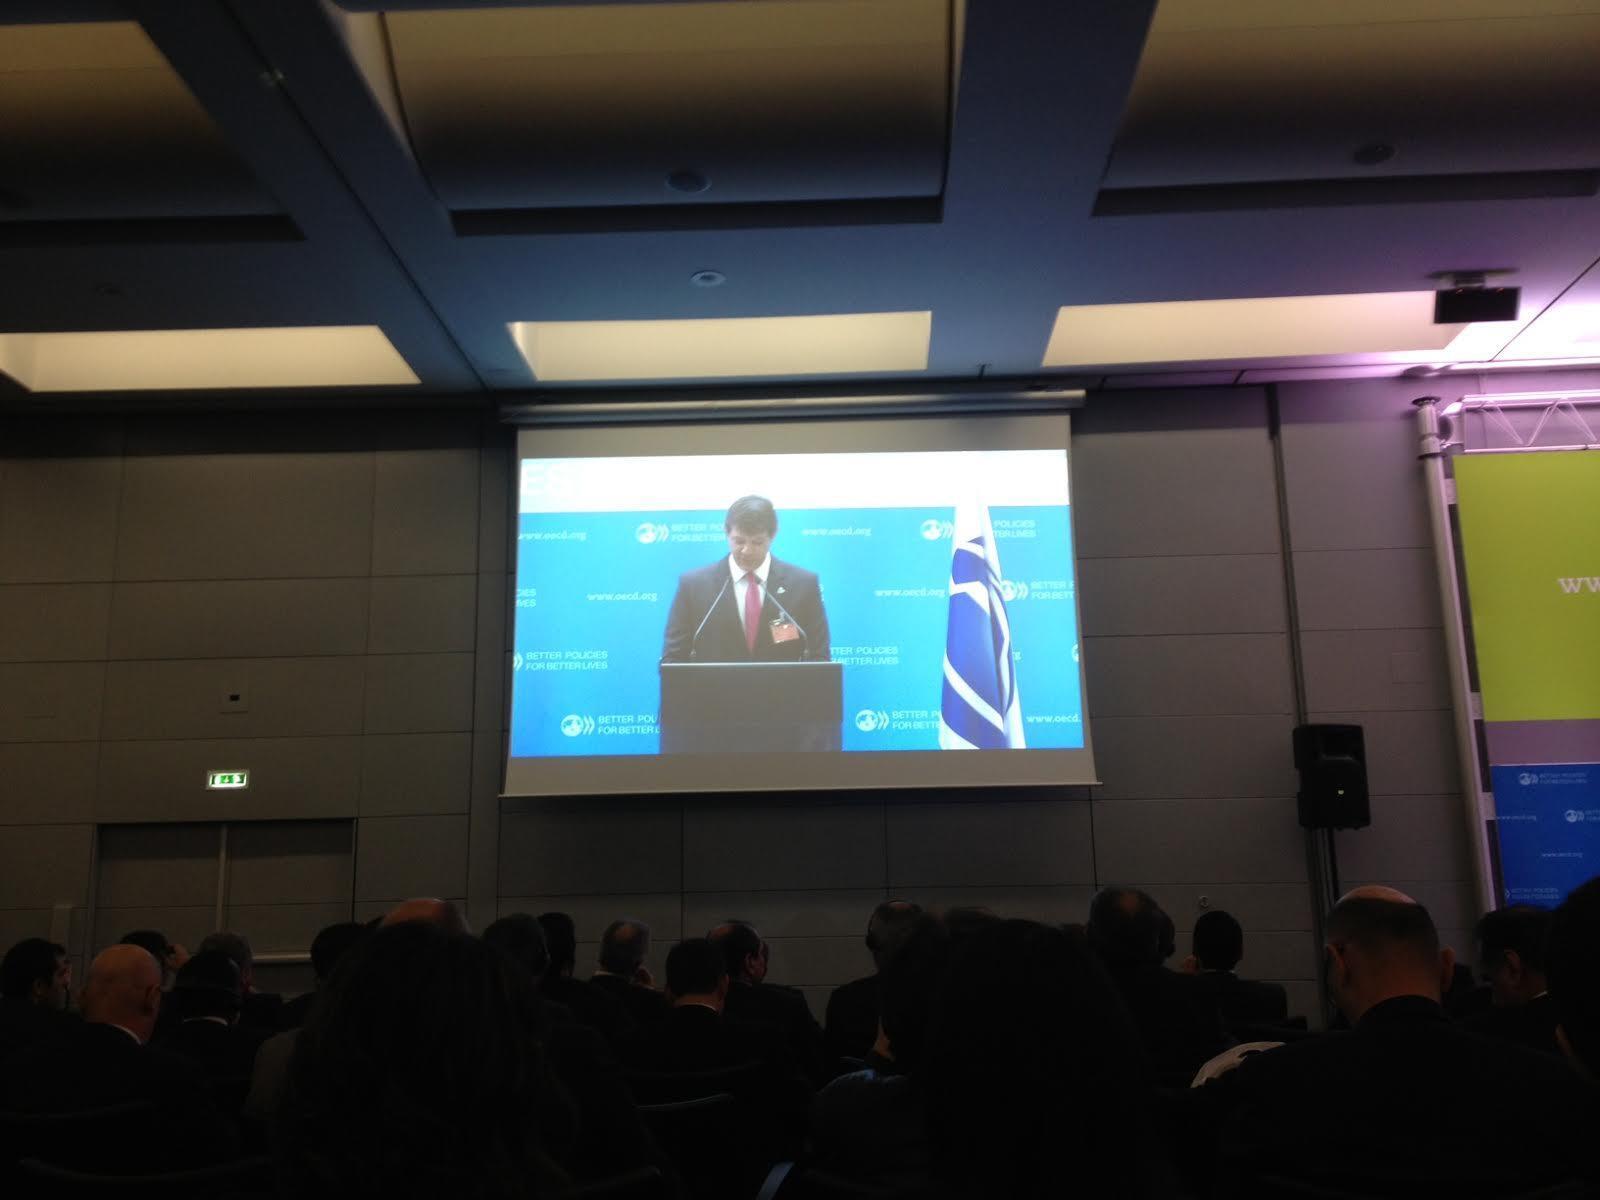 O prefeito de São Paulo, Fernando Haddad, durante a apresentação da cidade candidata a sediar a EXPO 2020.